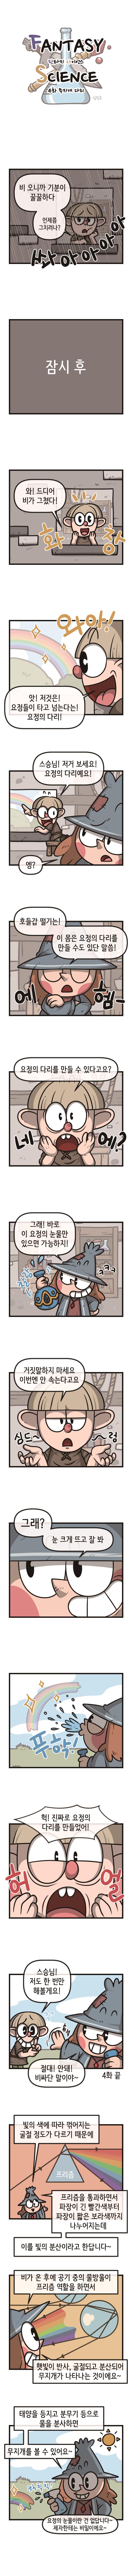 [판타지 사이언스] 4화 무지개 다리-웹툰-김진구-4주 금요일